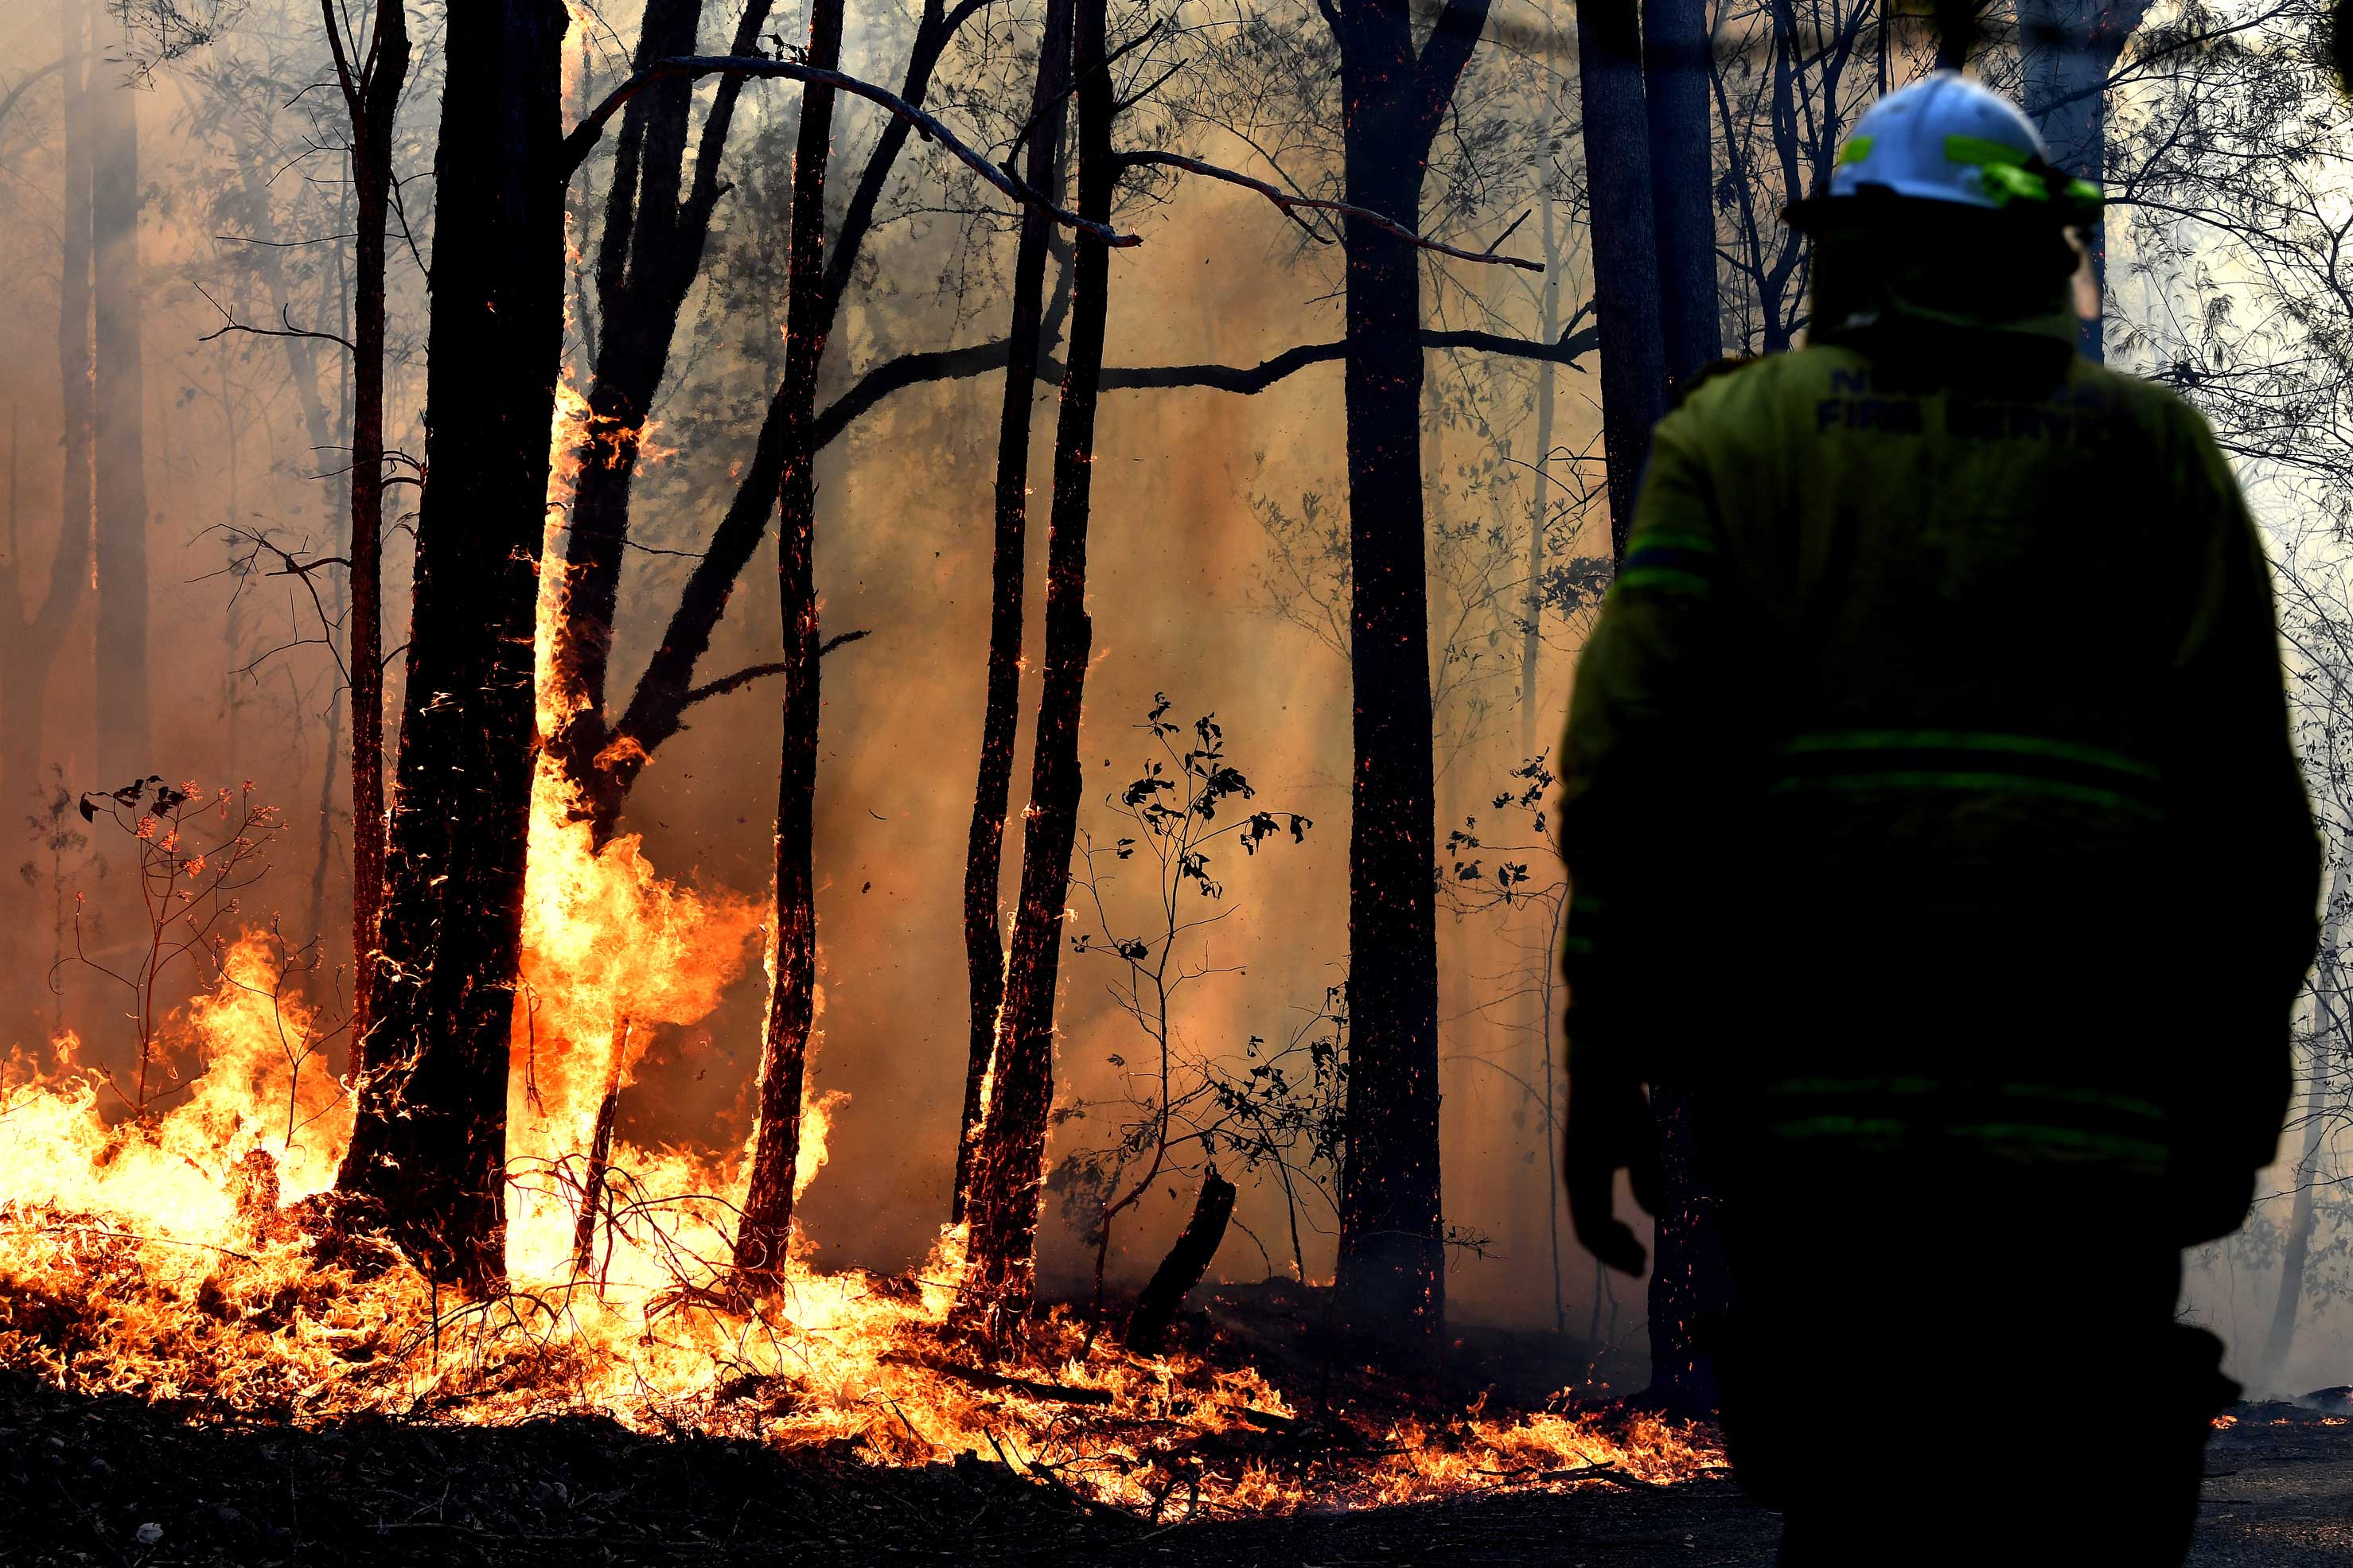 Honderden-koalas-omgekomen-bij-hevige-bosbranden-australie-1